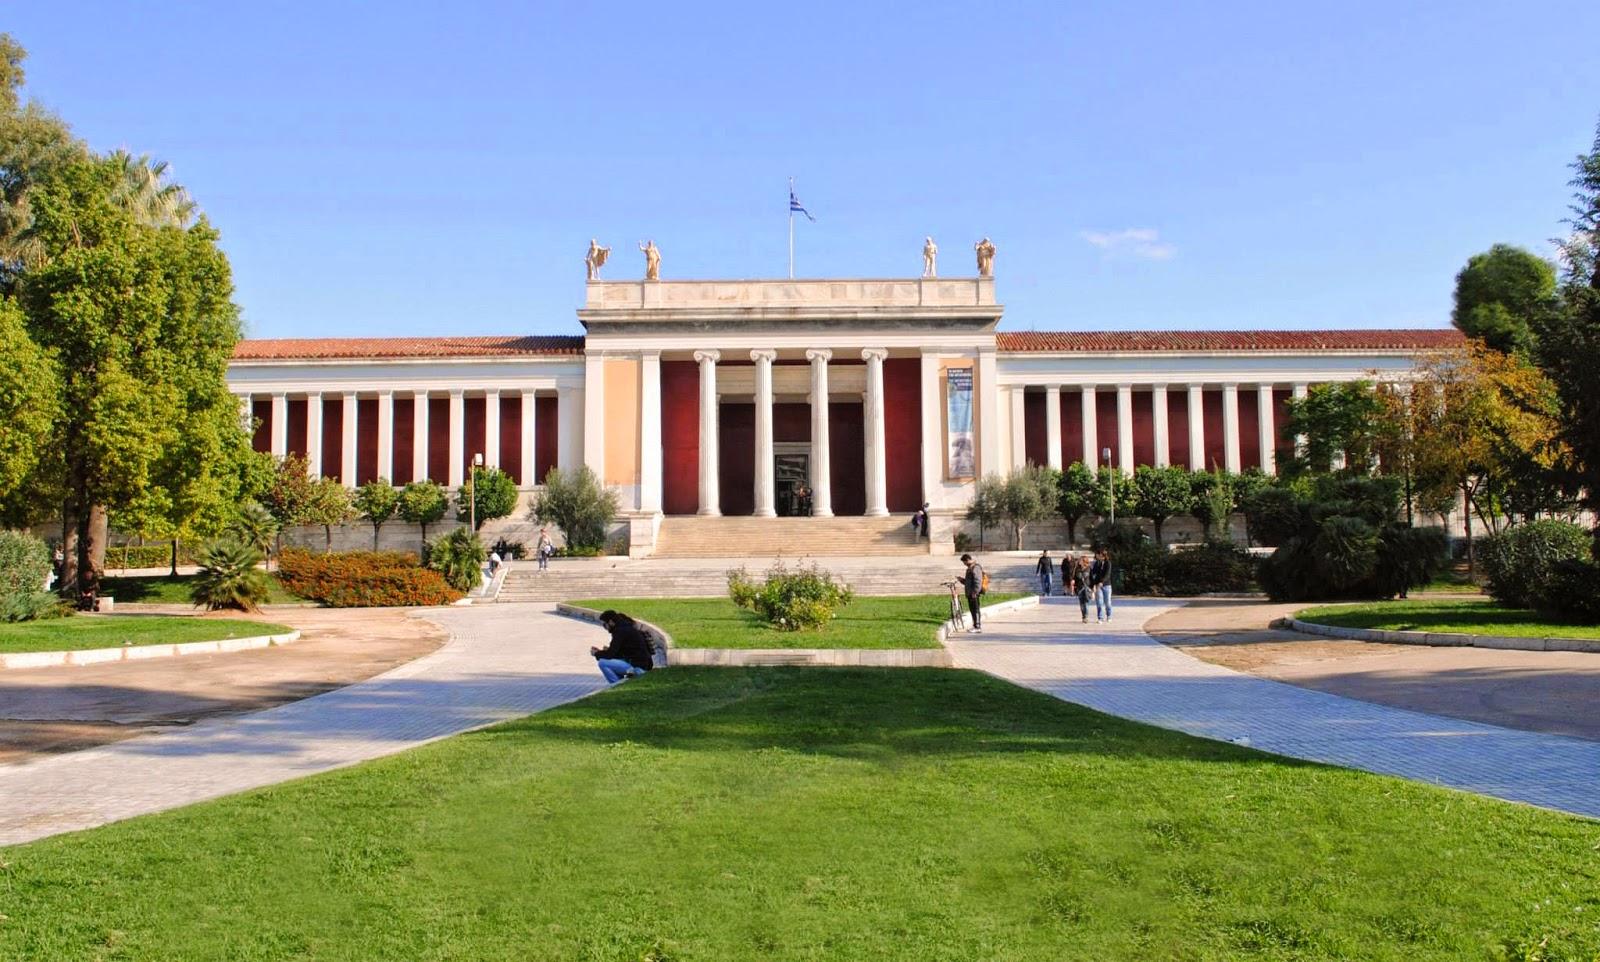 Ολοκληρώθηκε η αναβάθμιση του κήπου του Εθνικού Αρχαιολογικού Μουσείου -  Tourism Today